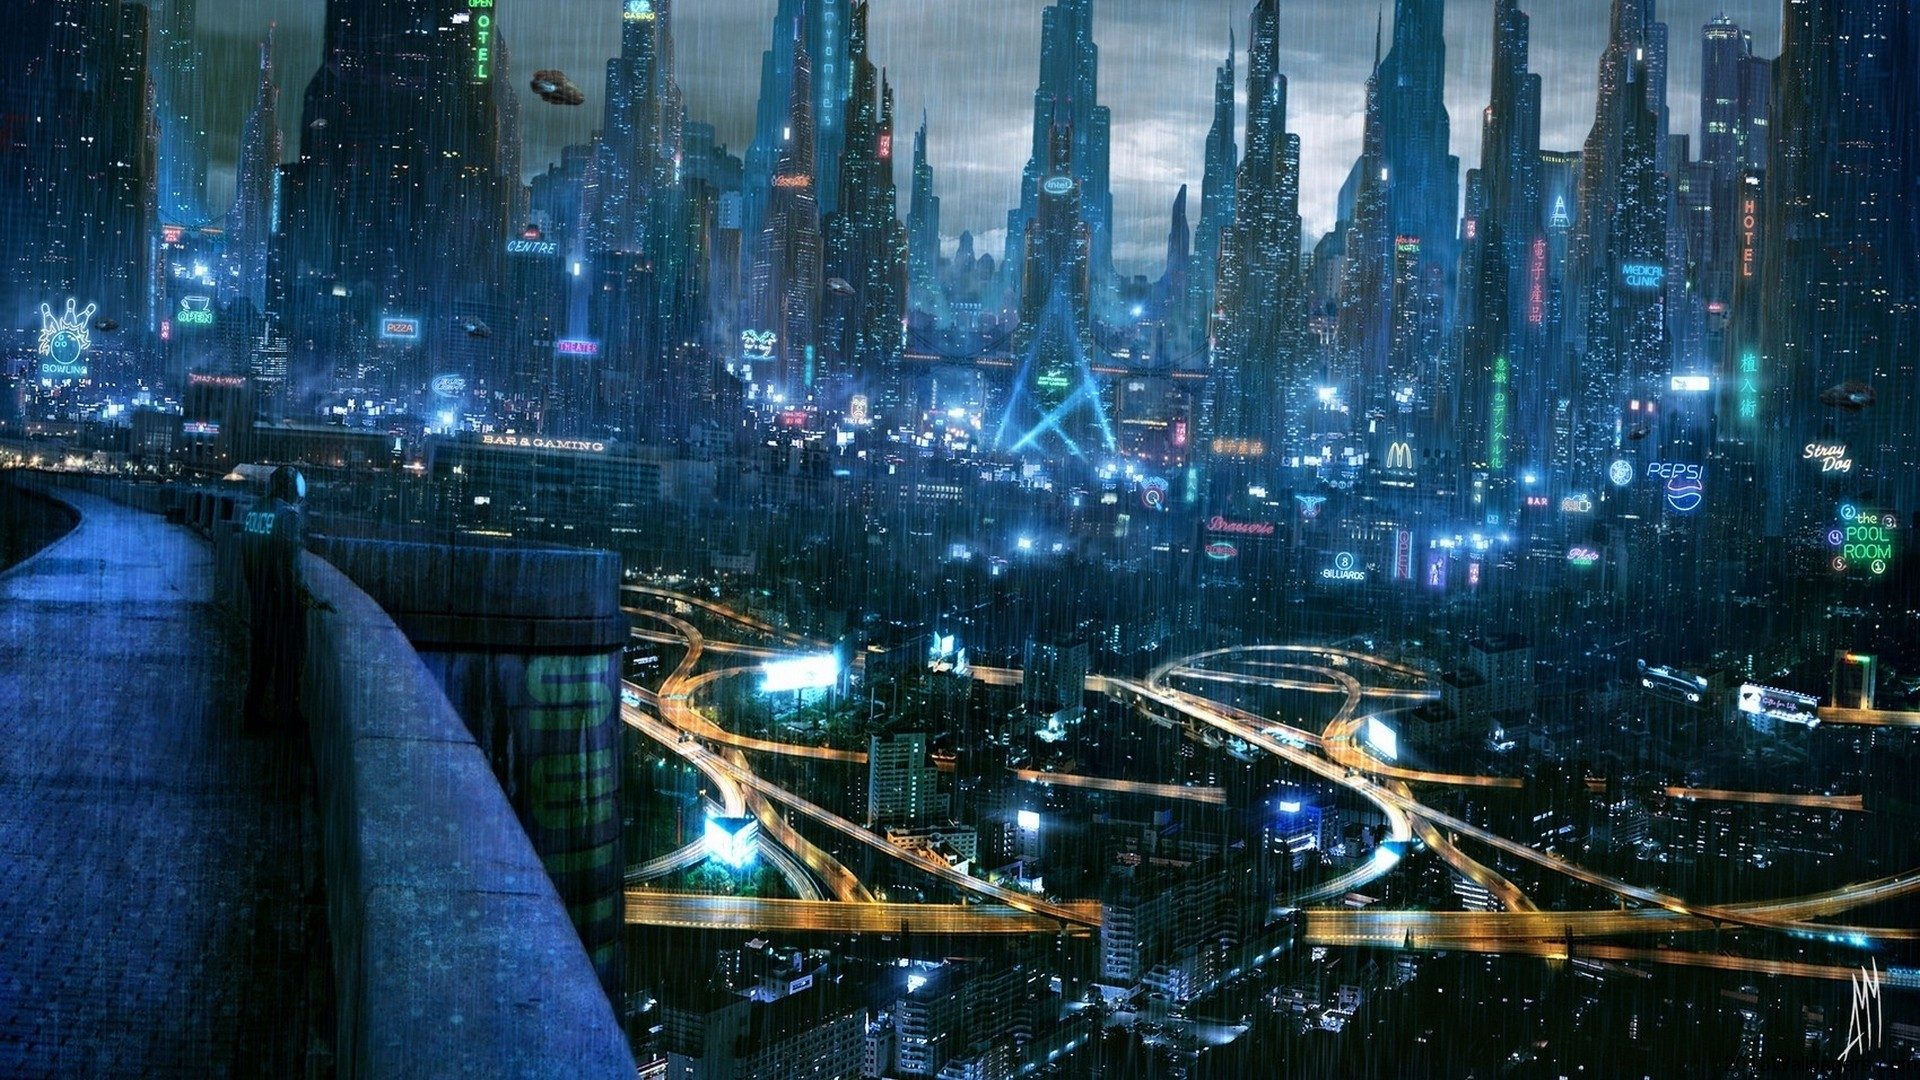 Future City Pics, Multi Monitor Collection